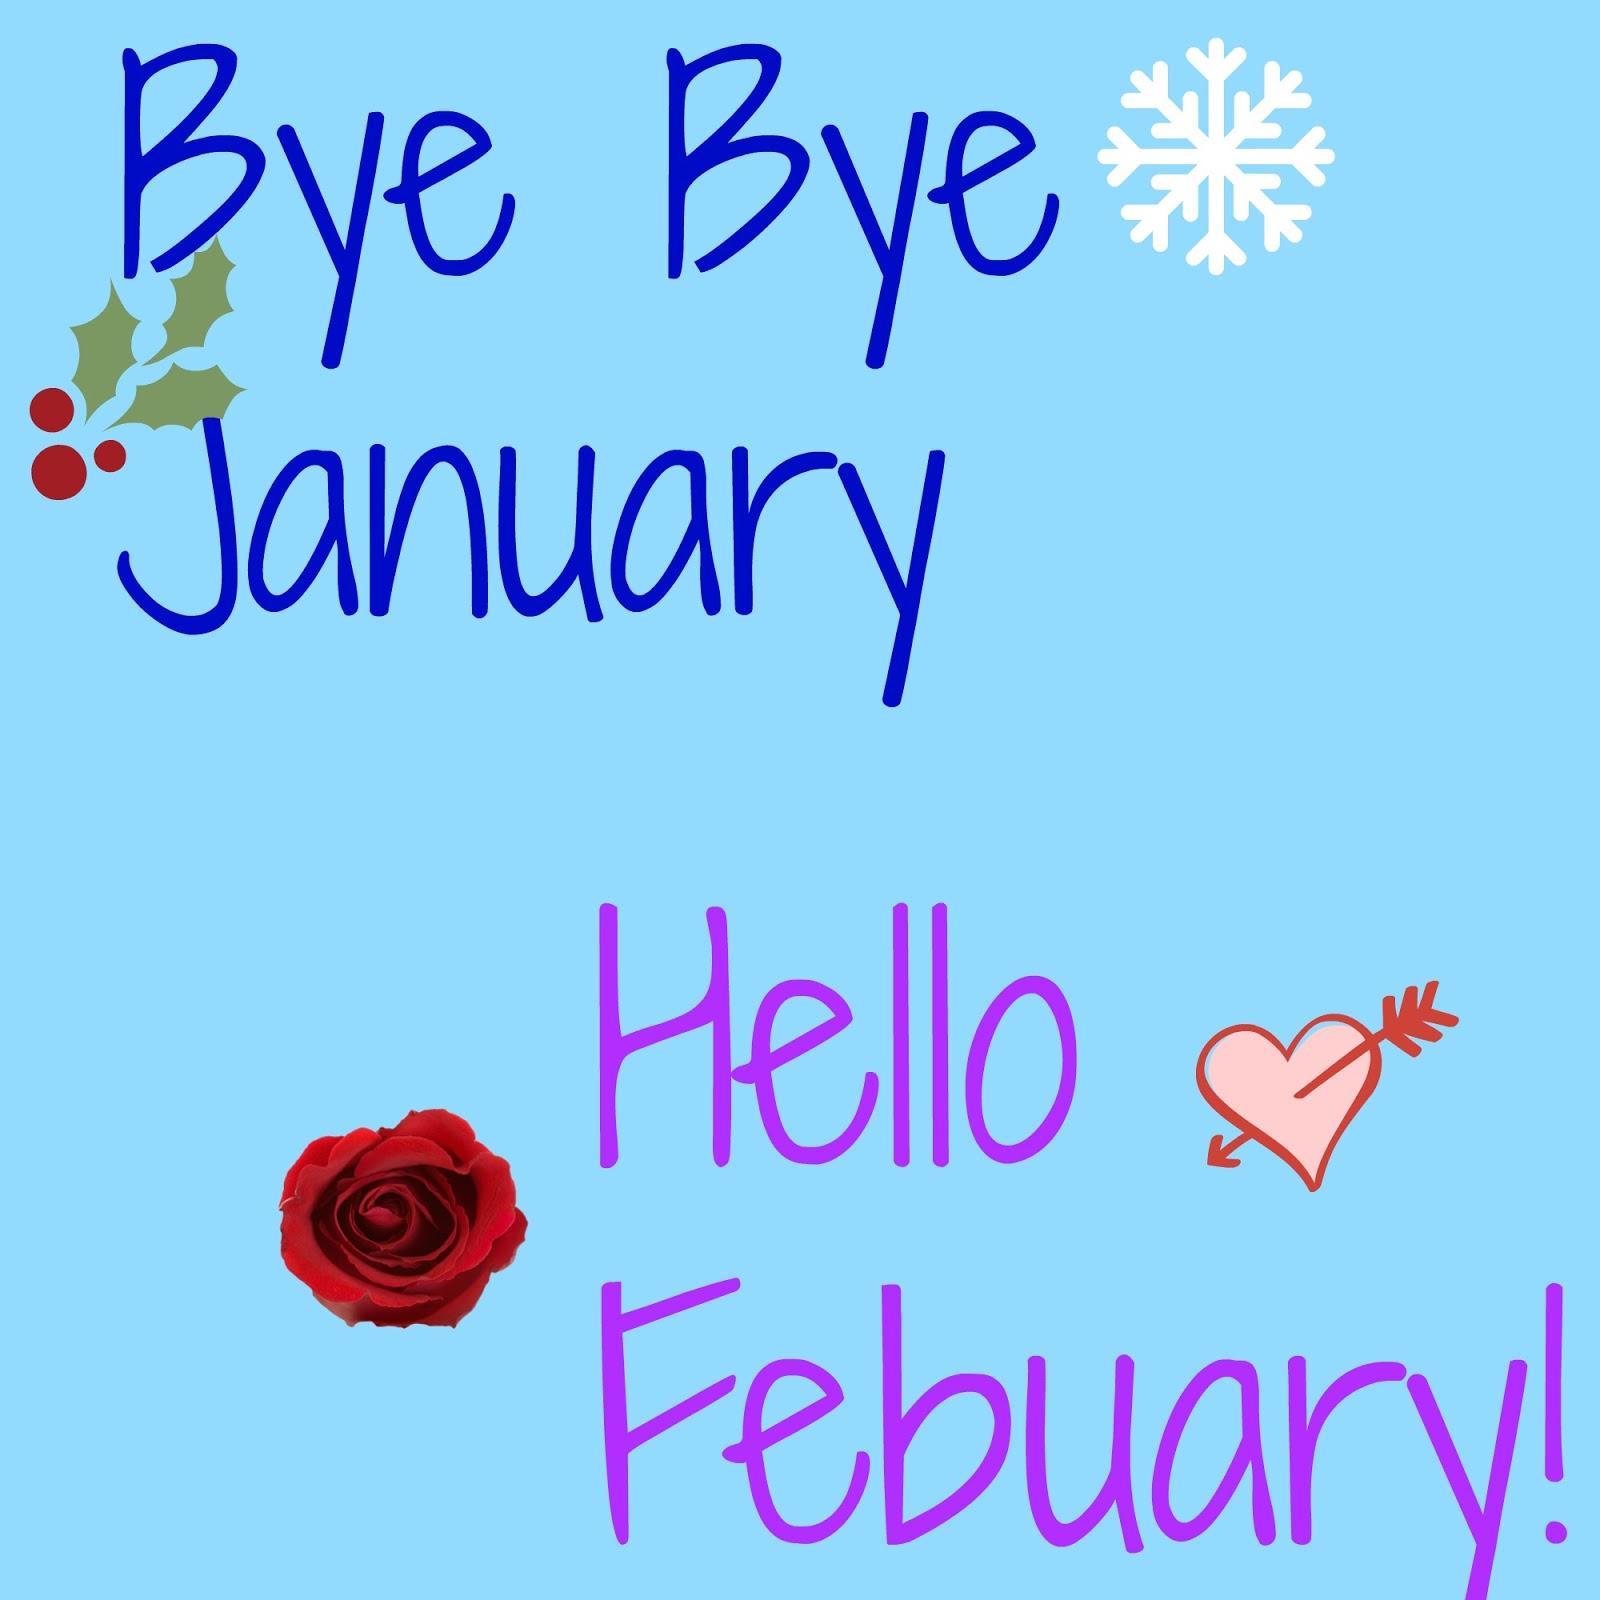 Resultado de imagen de bye bye january hello february